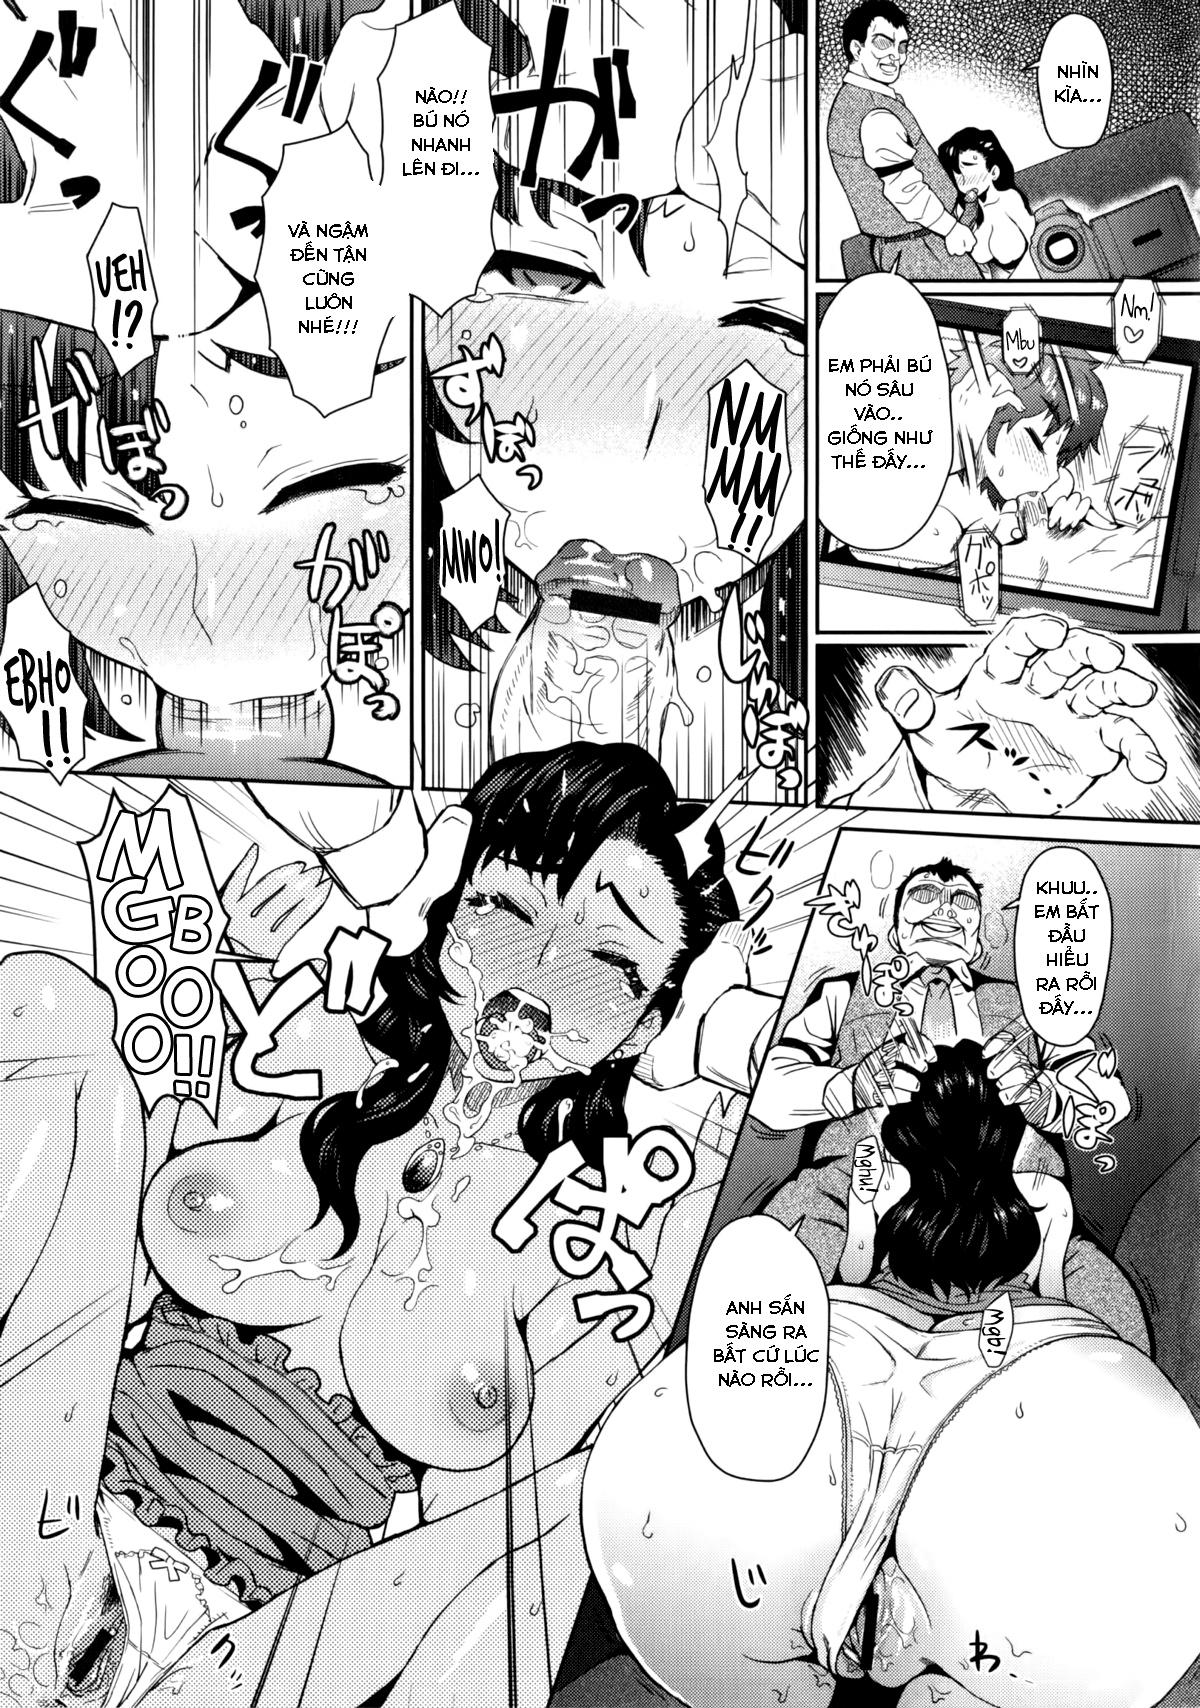 HentaiVN.net - Ảnh 11 - Cái Giá Của Ngoại Tình - Risou no Tsuma | An Ideal Wife - Oneshot